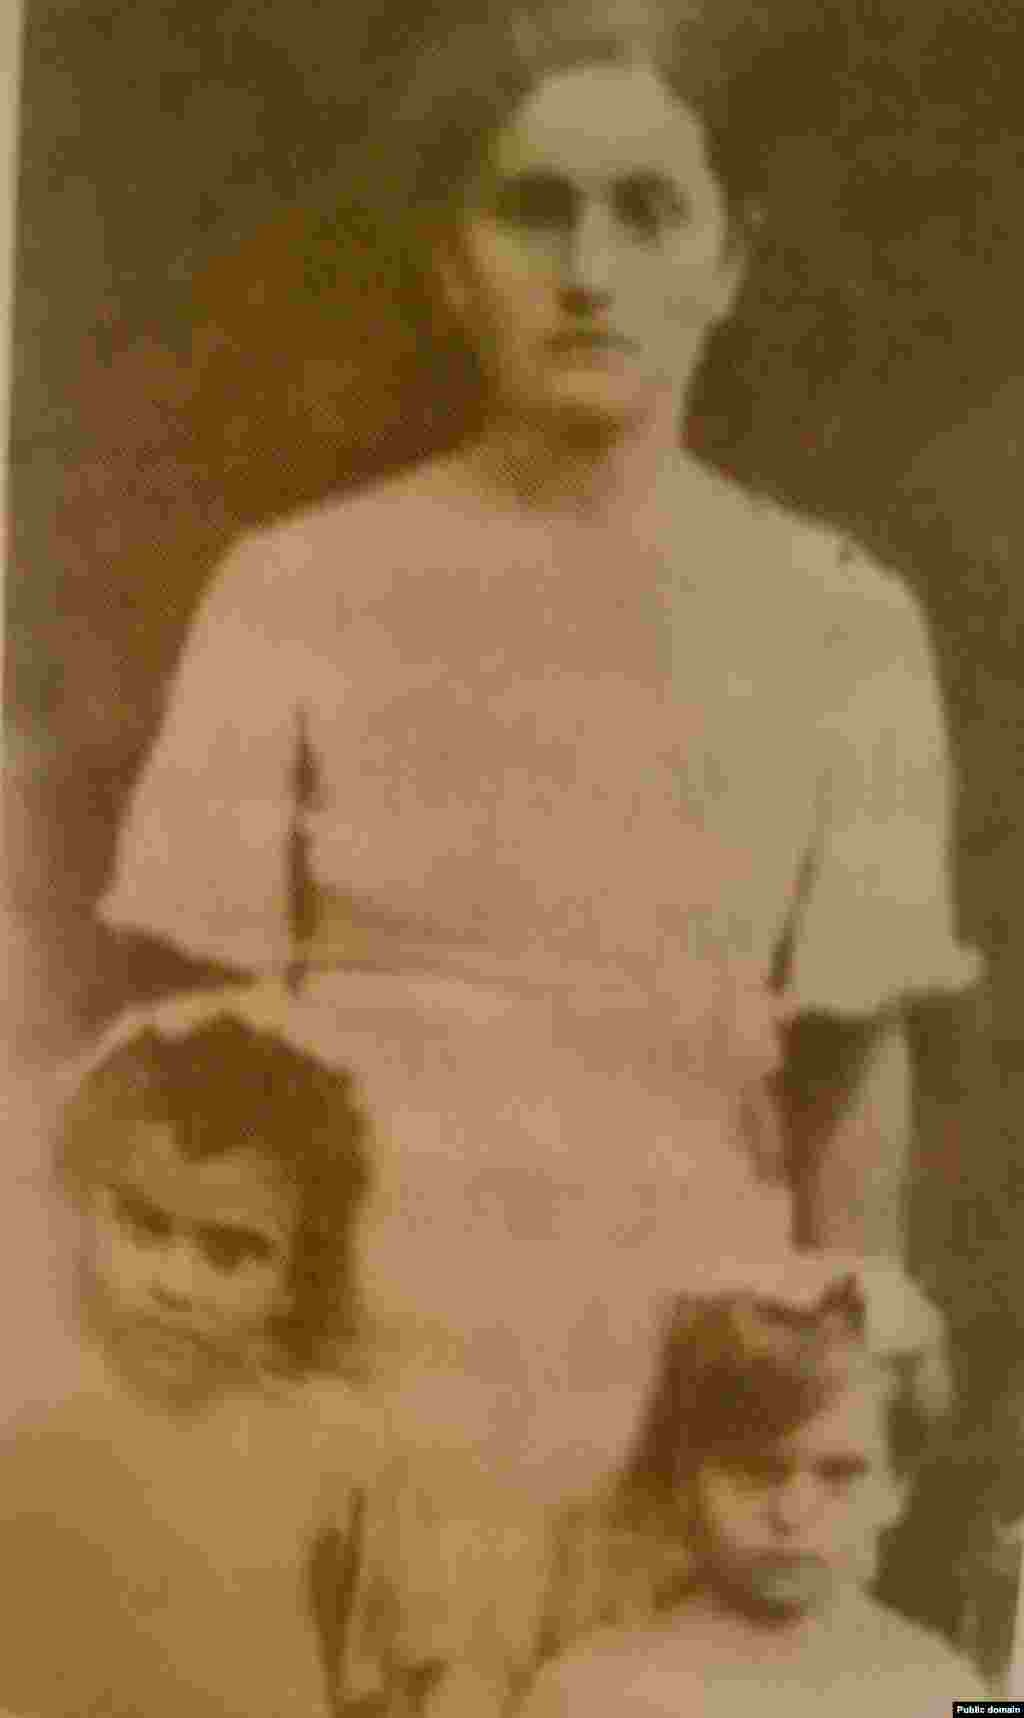 На фото – Зелиха Пашаева с детьми в 1939 году. Ее мать расстреляли немцы в 1942 году за связь с партизанами, а муж погиб на войне в 1943. Вскоре после смерти мужа Зелиху вместе с отцом и детьми депортировали в Узбекистан.Их поселили в грязную землянку без окон, и погнали на работу на стройку. Люди стали умирать от невыносимой жары, голода и грязной воды